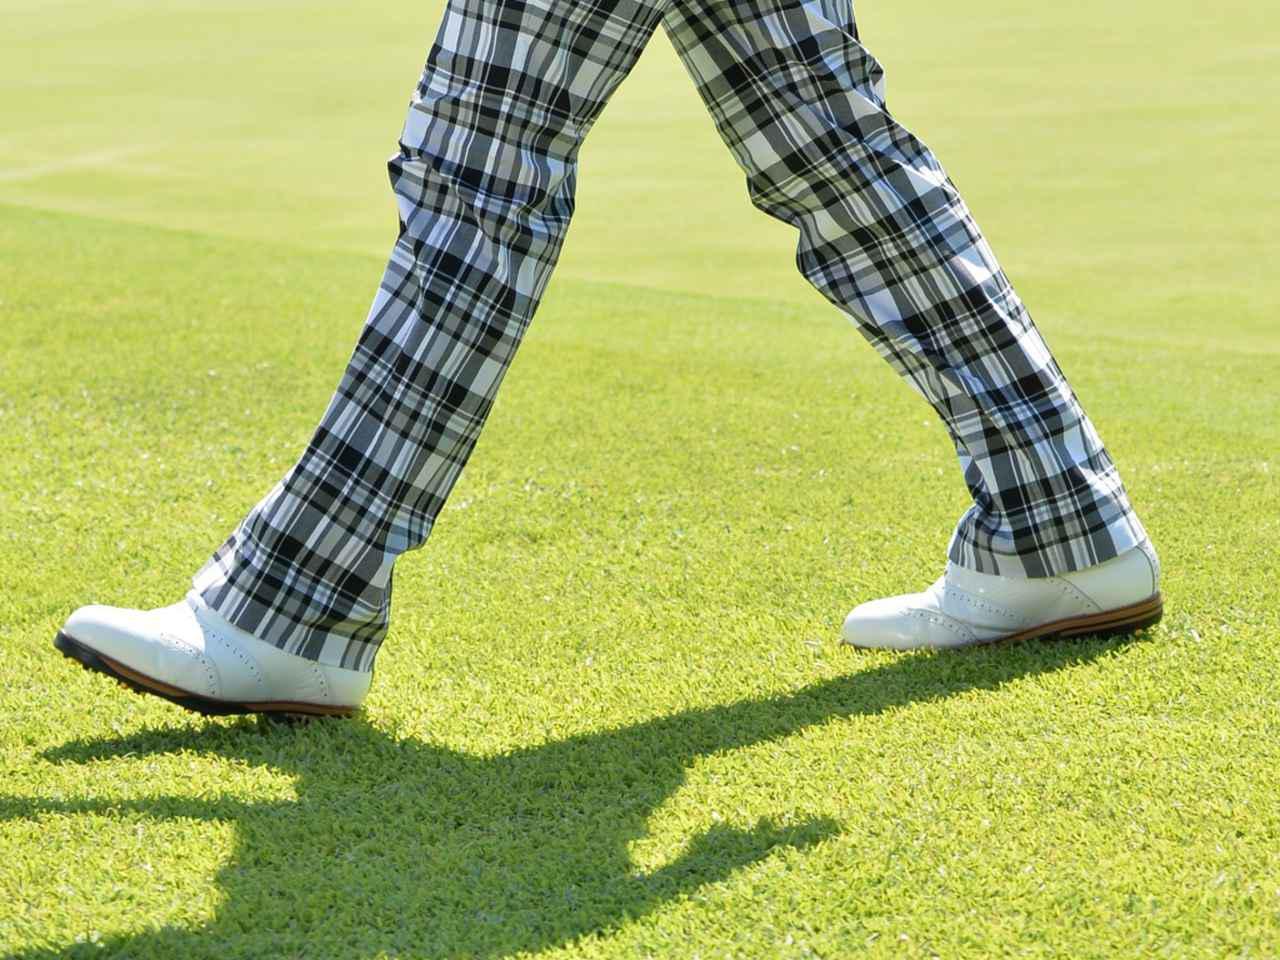 画像: カートに乗らず18ホール歩きでプレーすると、ゴルフを楽しみつつ運動不足解消できて一石二鳥!? 撮影/西本政明